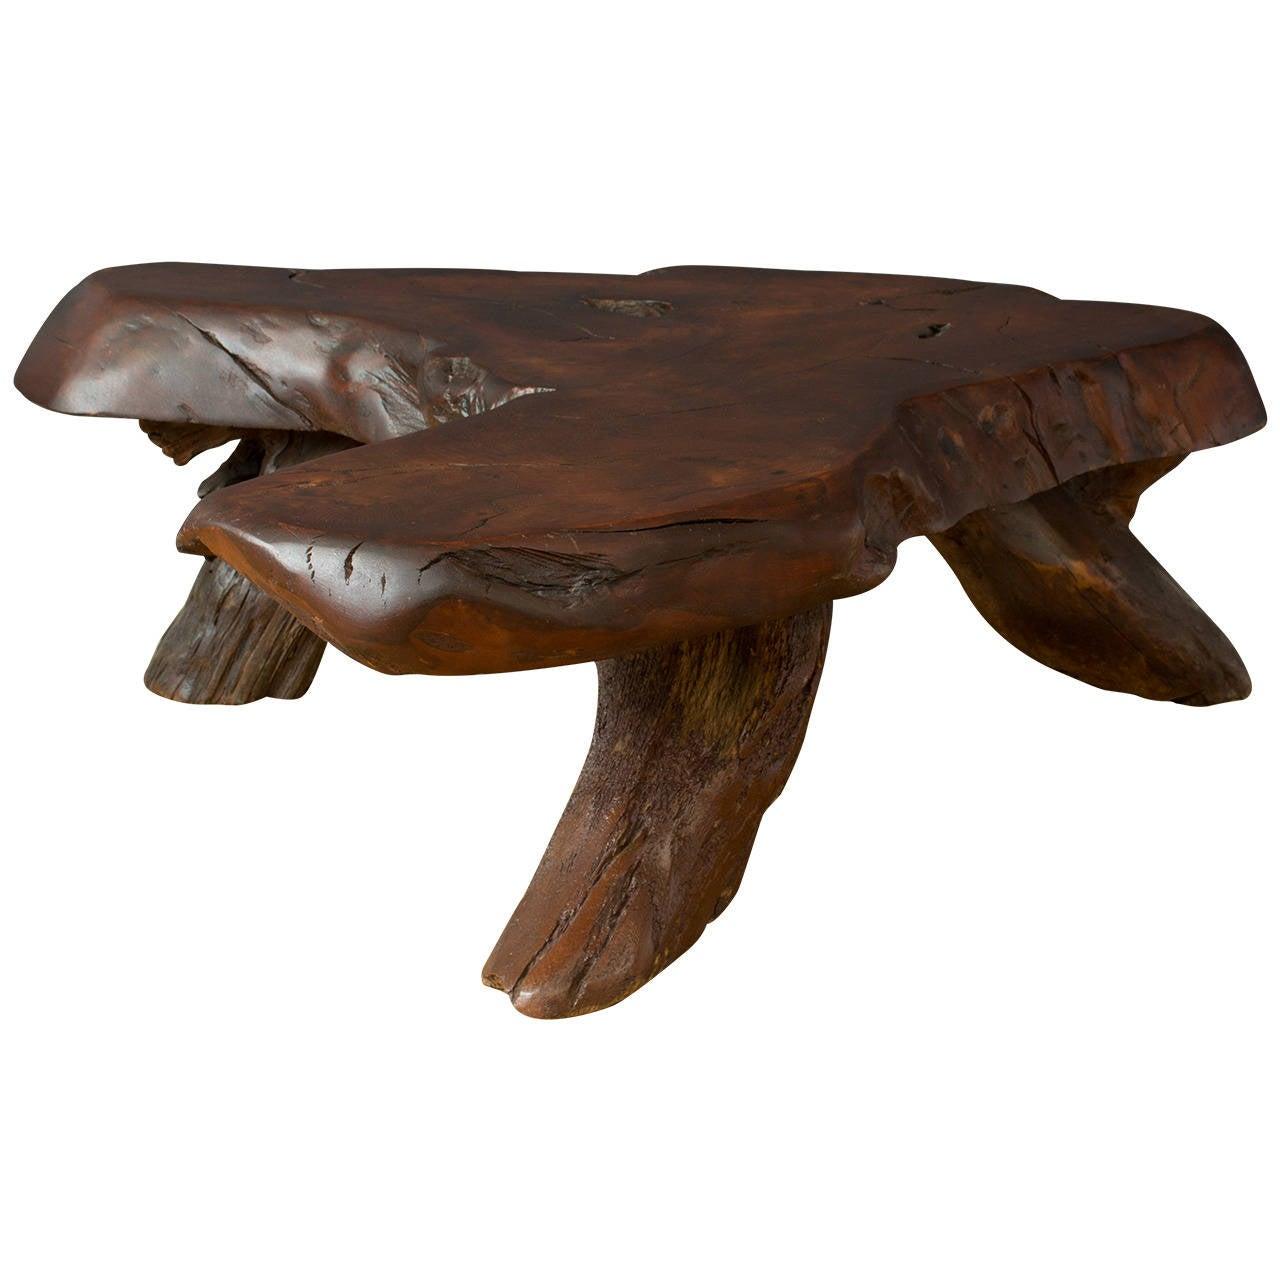 Vintage Burl Wood Slab Coffee Table At 1stdibs: Vintage Redwood Slab Coffee Table At 1stdibs